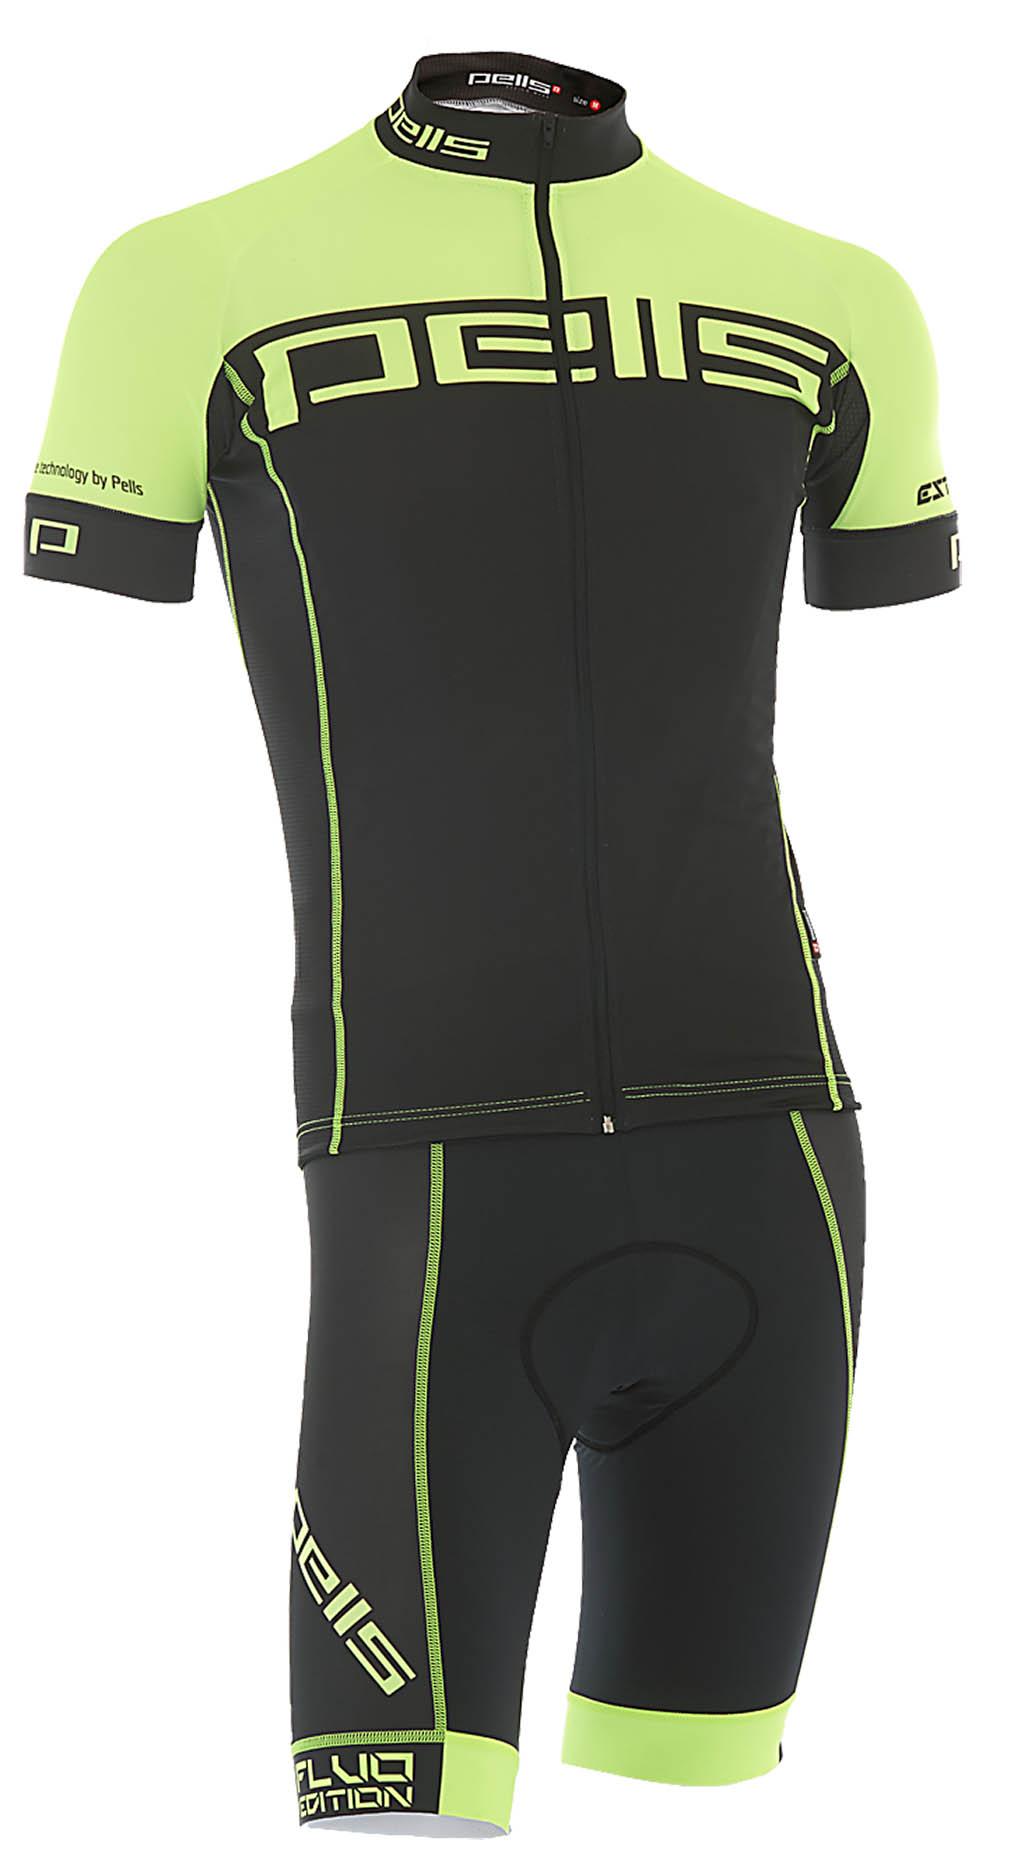 Pánský dres PELL'S FLUO, vel. M, žlutá, krátký rukáv - ZDARMA DOPRAVNÉ! (Pánský cyklistický dres PELL'S, vel. M, krátký rukáv, barva žlutá dle vyobrazení!)